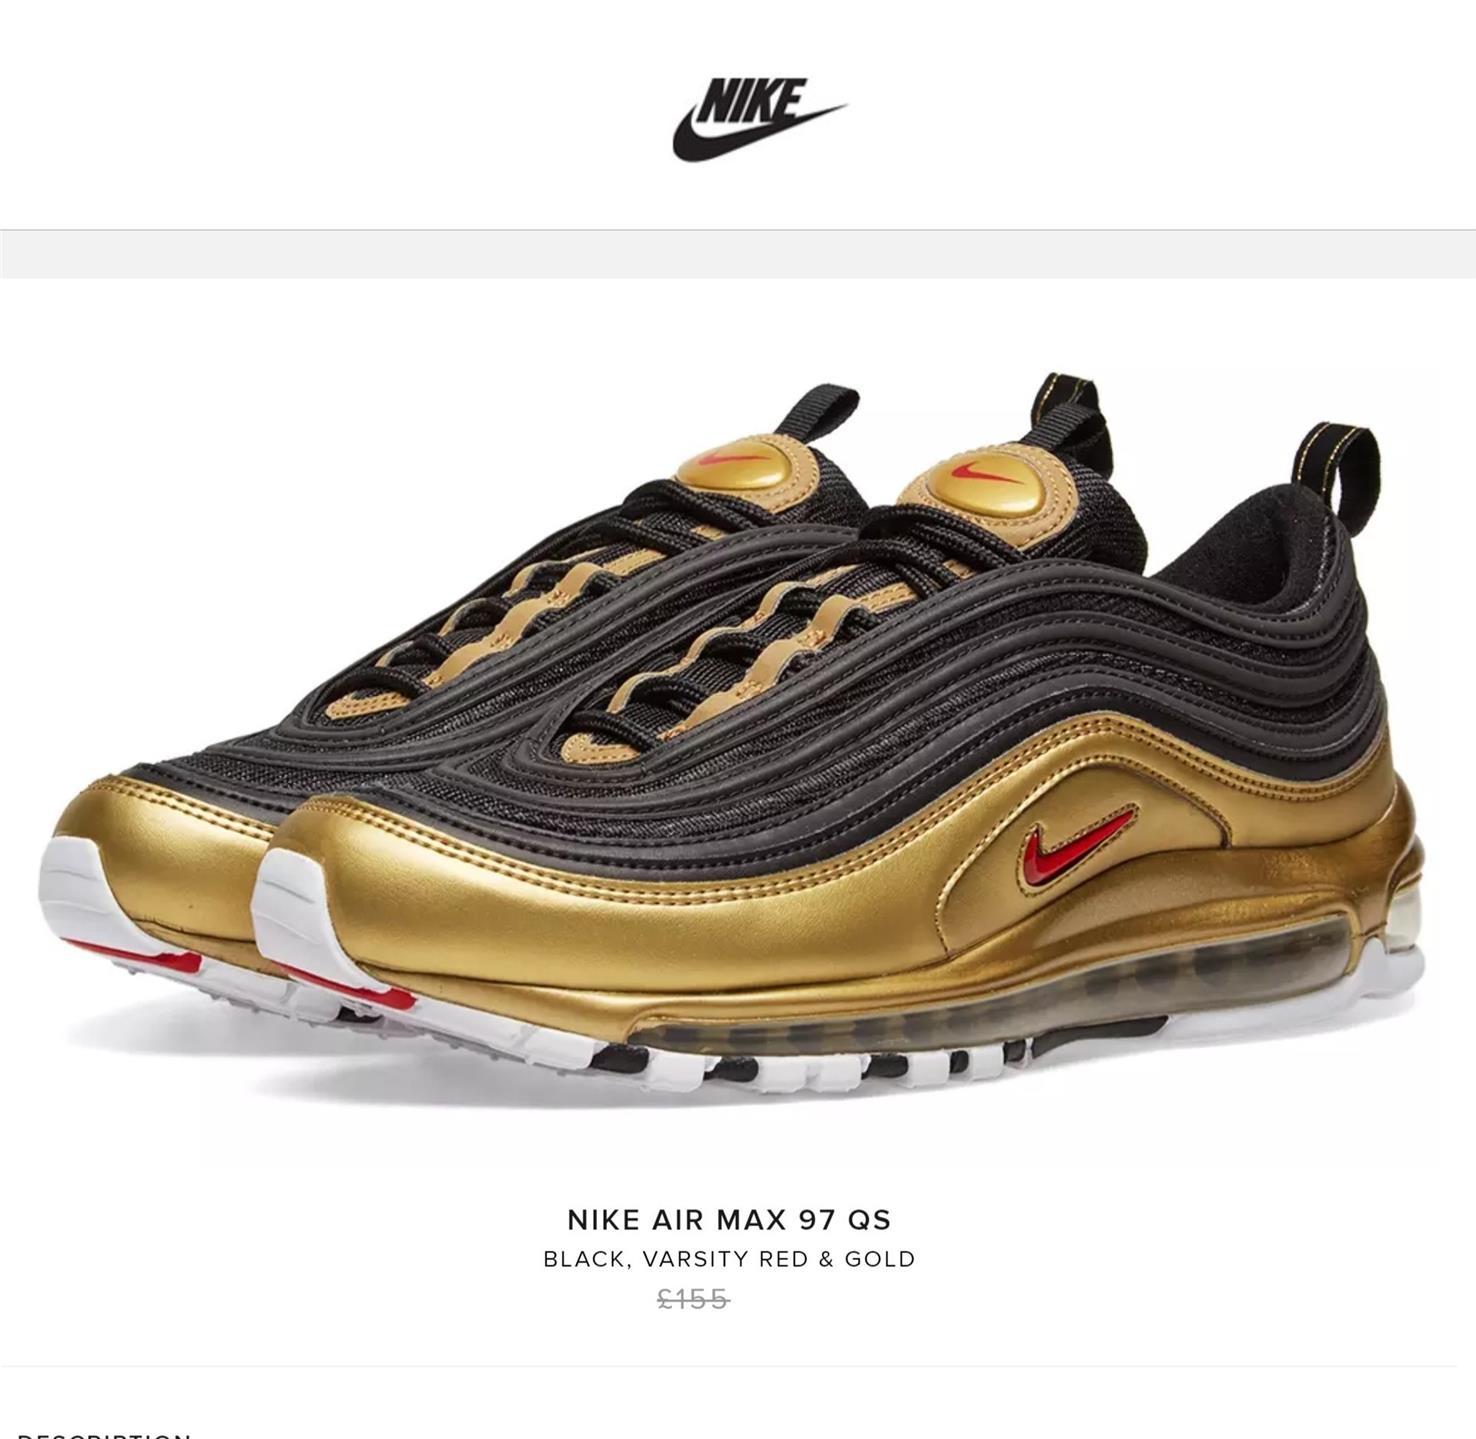 air max 97 uomo gold